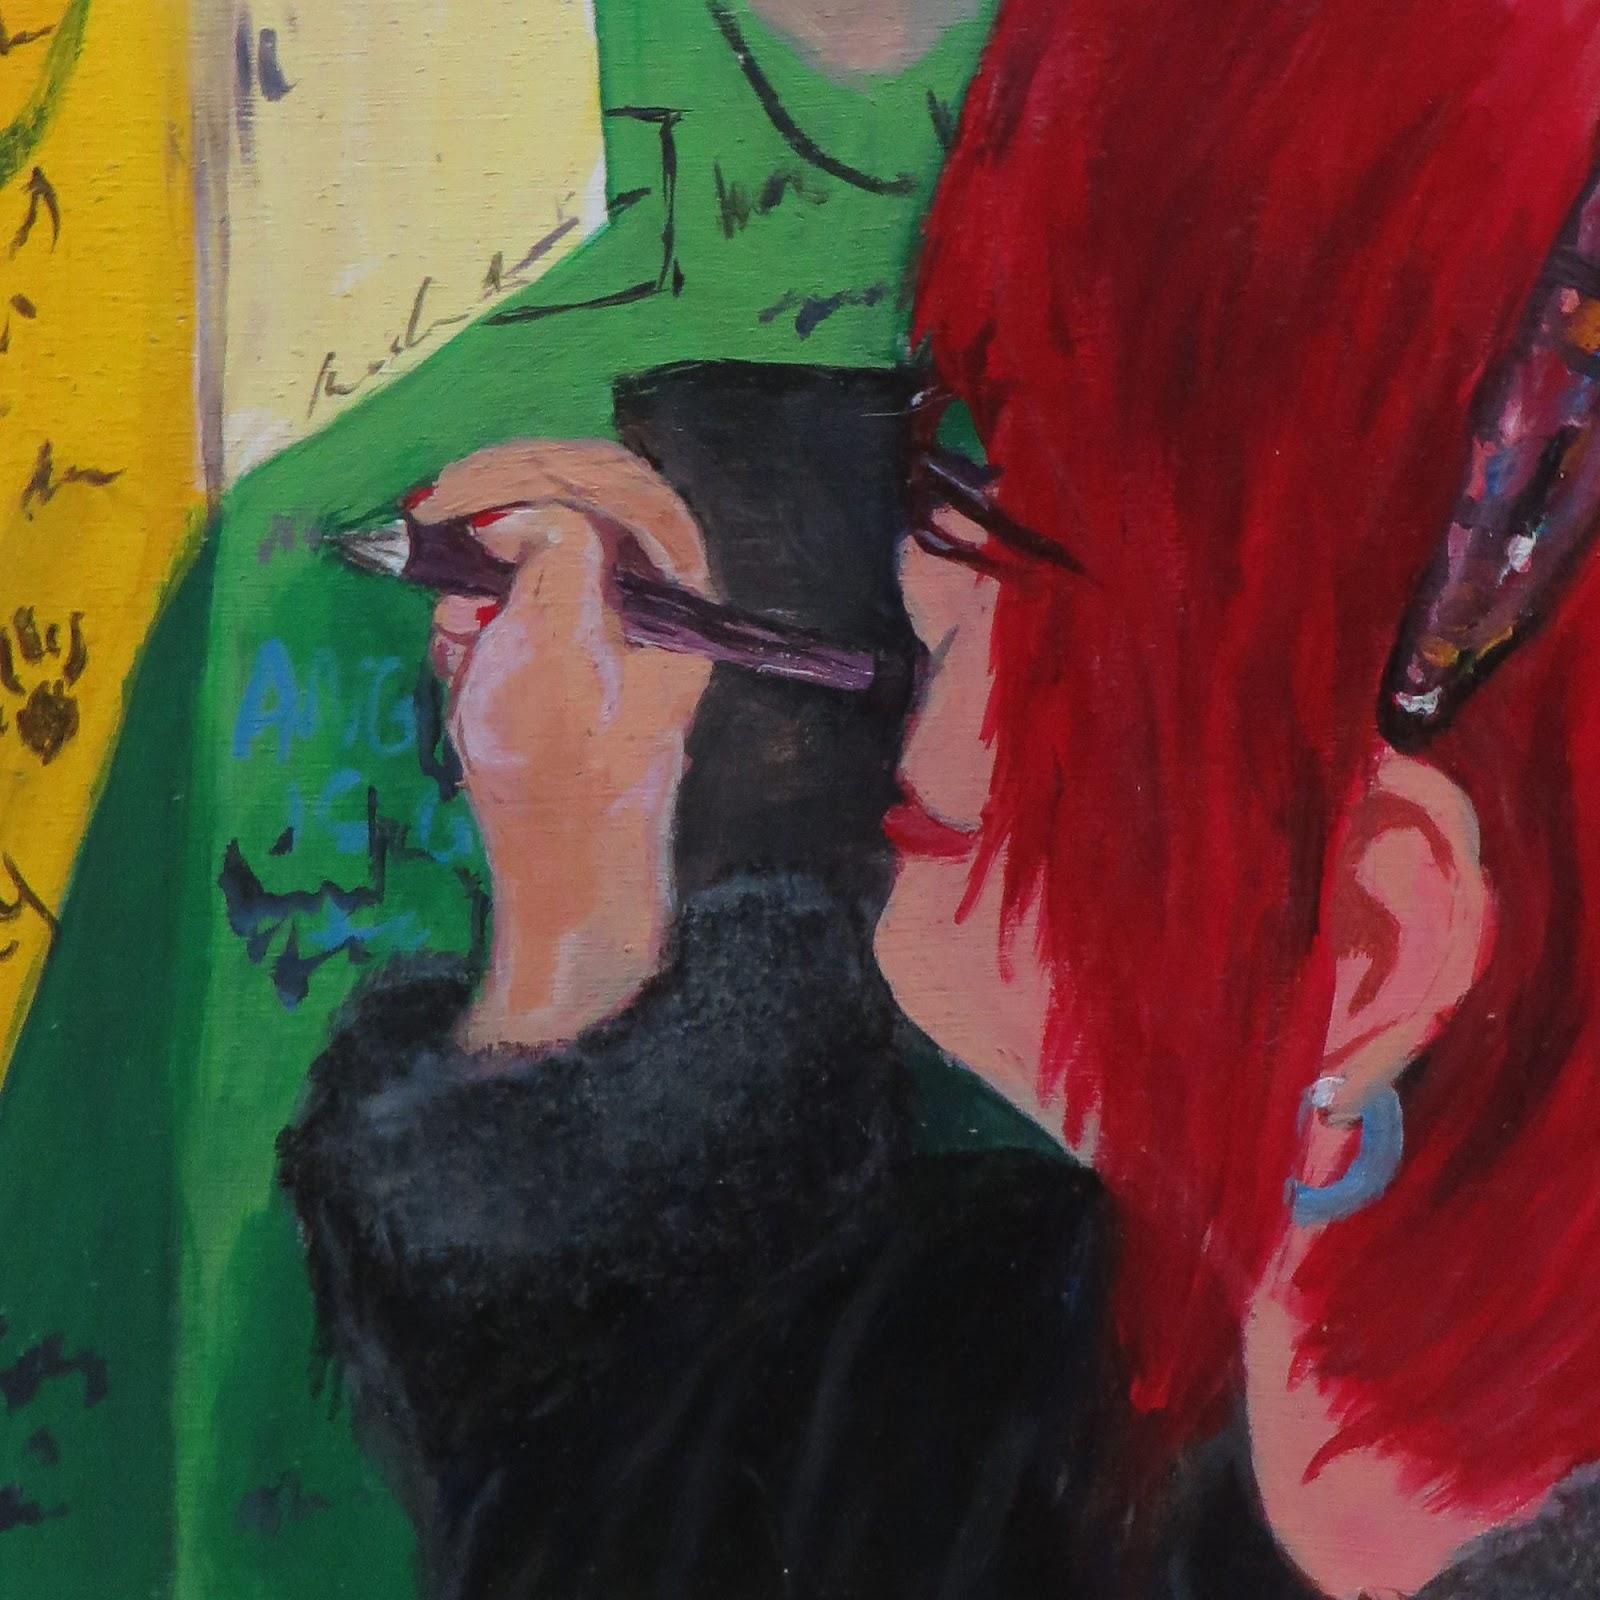 Self-Portrait: Bathroom Graffitti